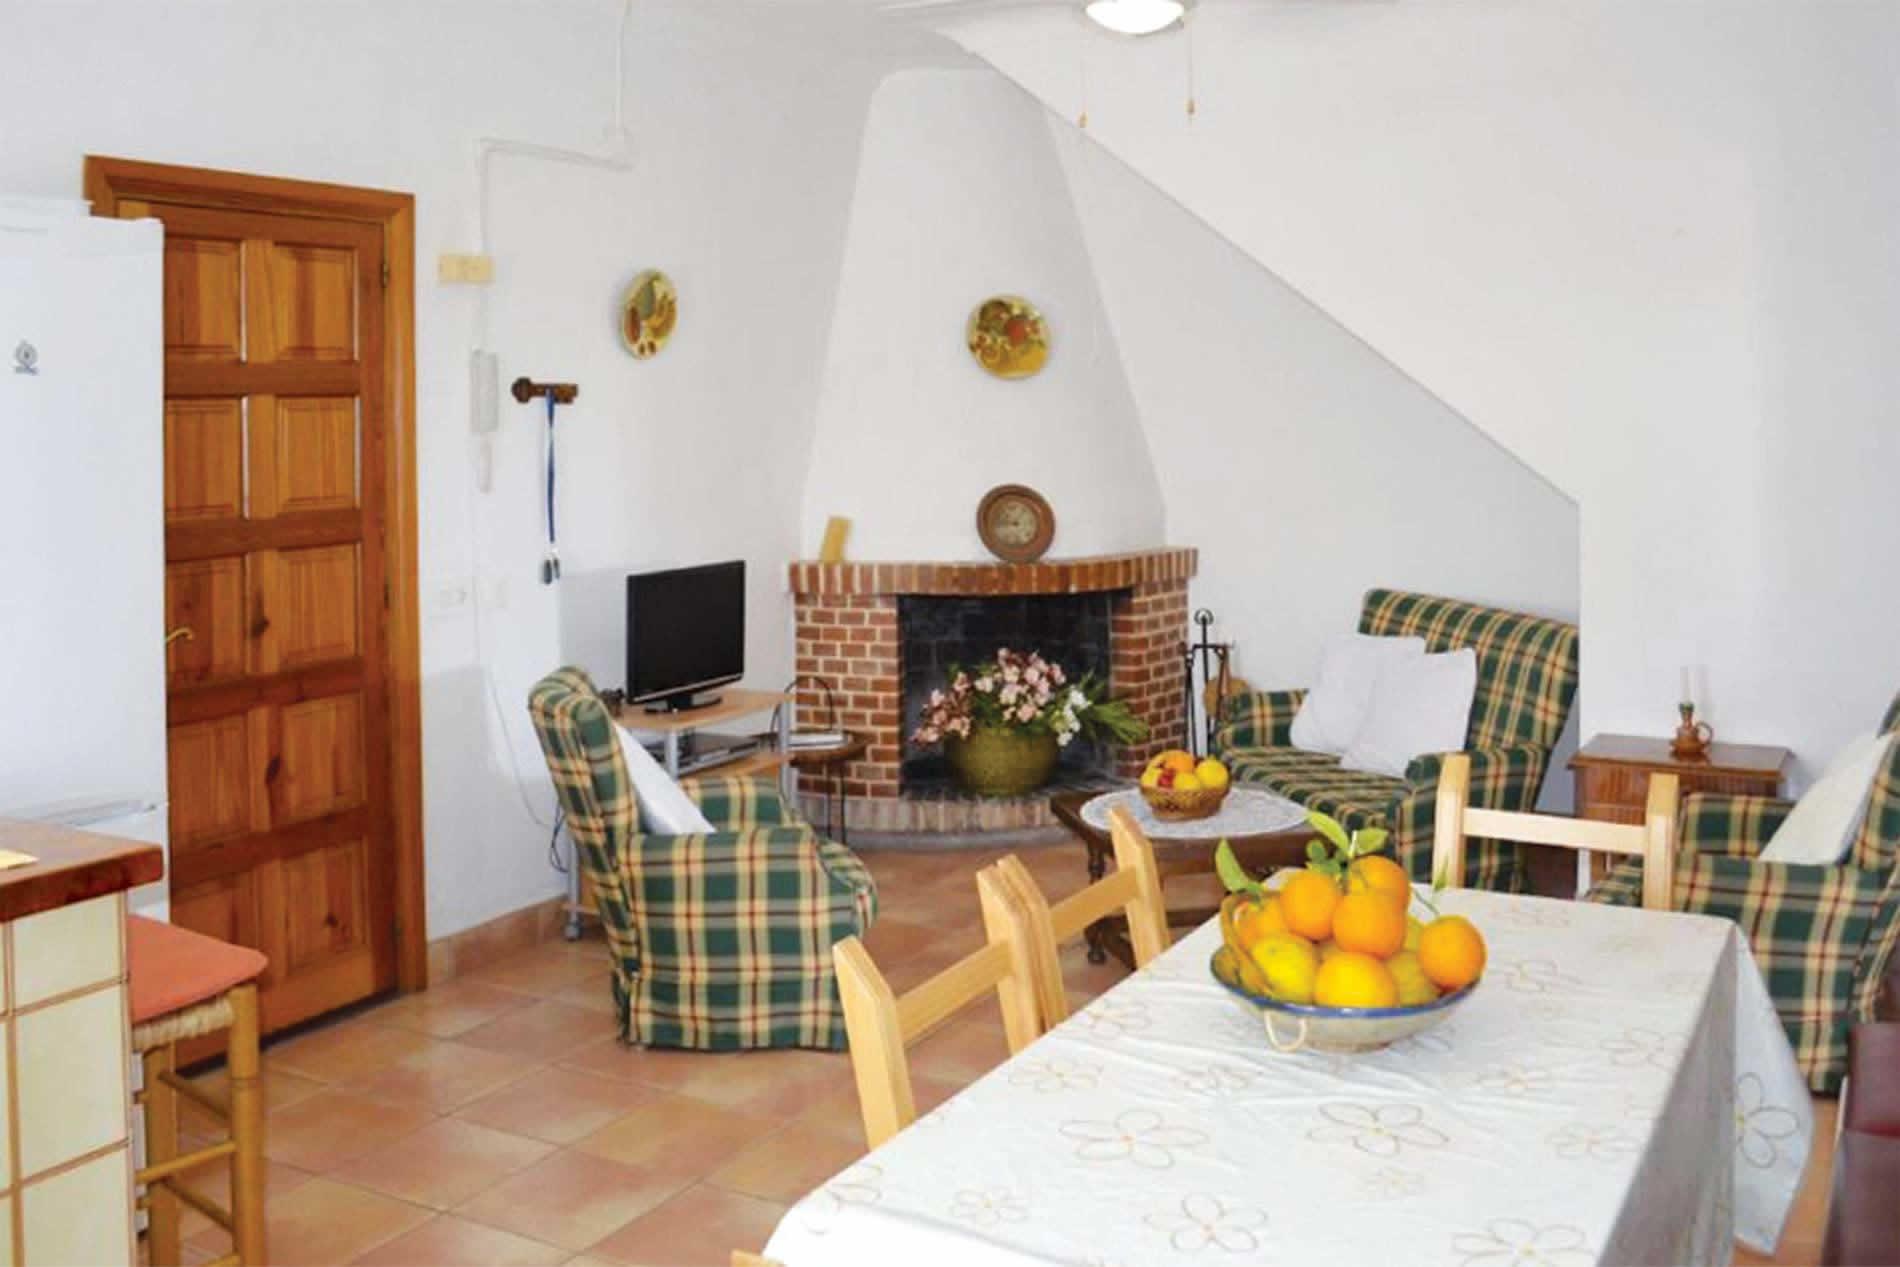 Villa Ca'n Joan d'Urban in Santa Eulalia - sleeps 6 people